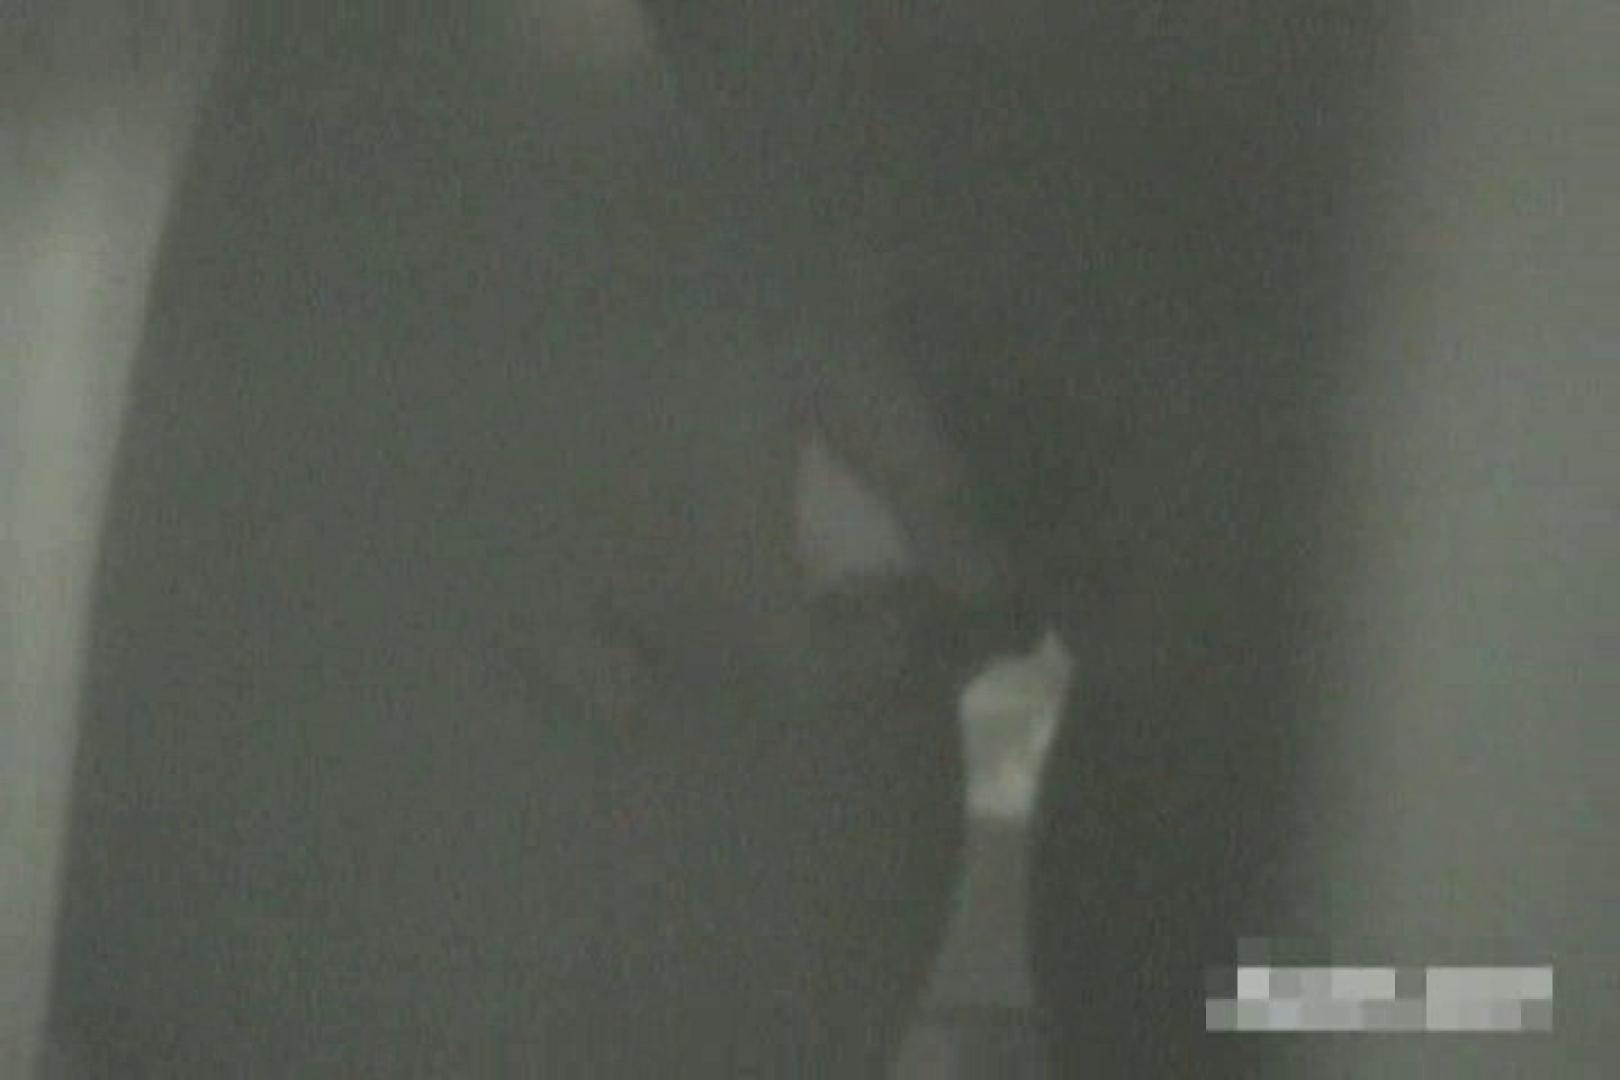 激撮ストーカー記録あなたのお宅拝見しますVol.5 ハプニング セックス無修正動画無料 103画像 69